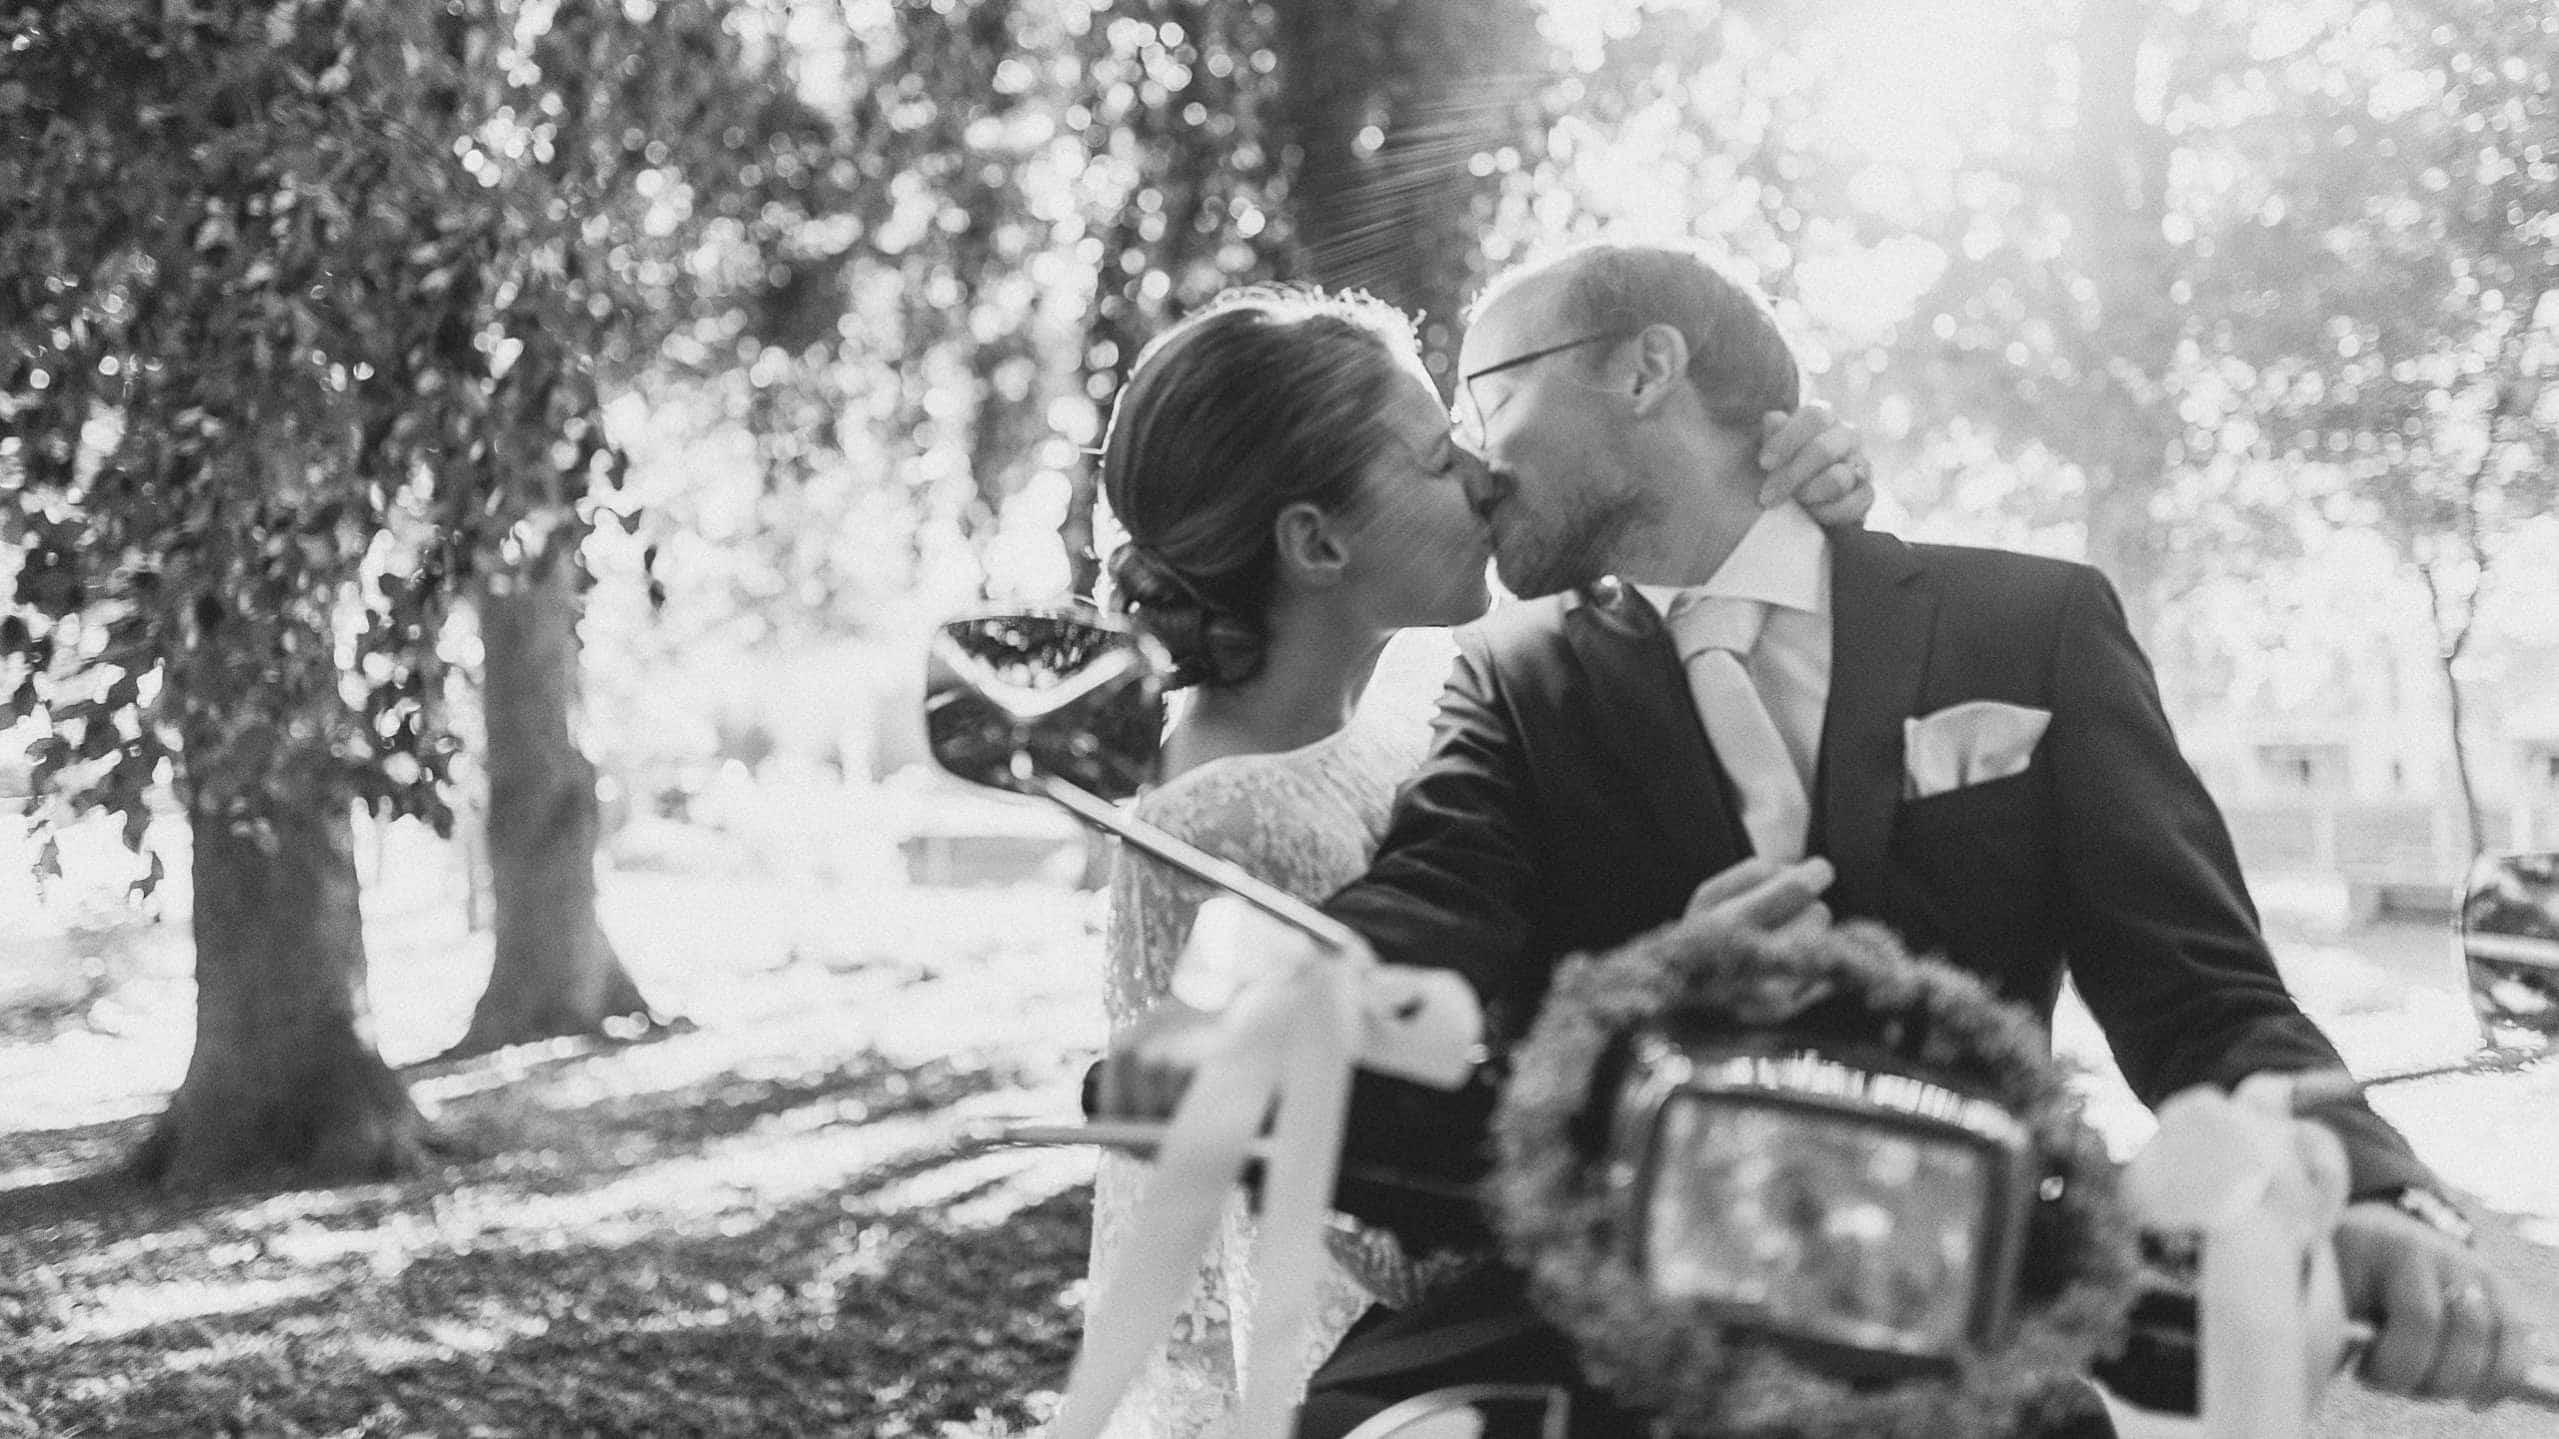 Hochzeitspaar, küssend auf Vespa und Gegenlicht in Schwarz-Weiß